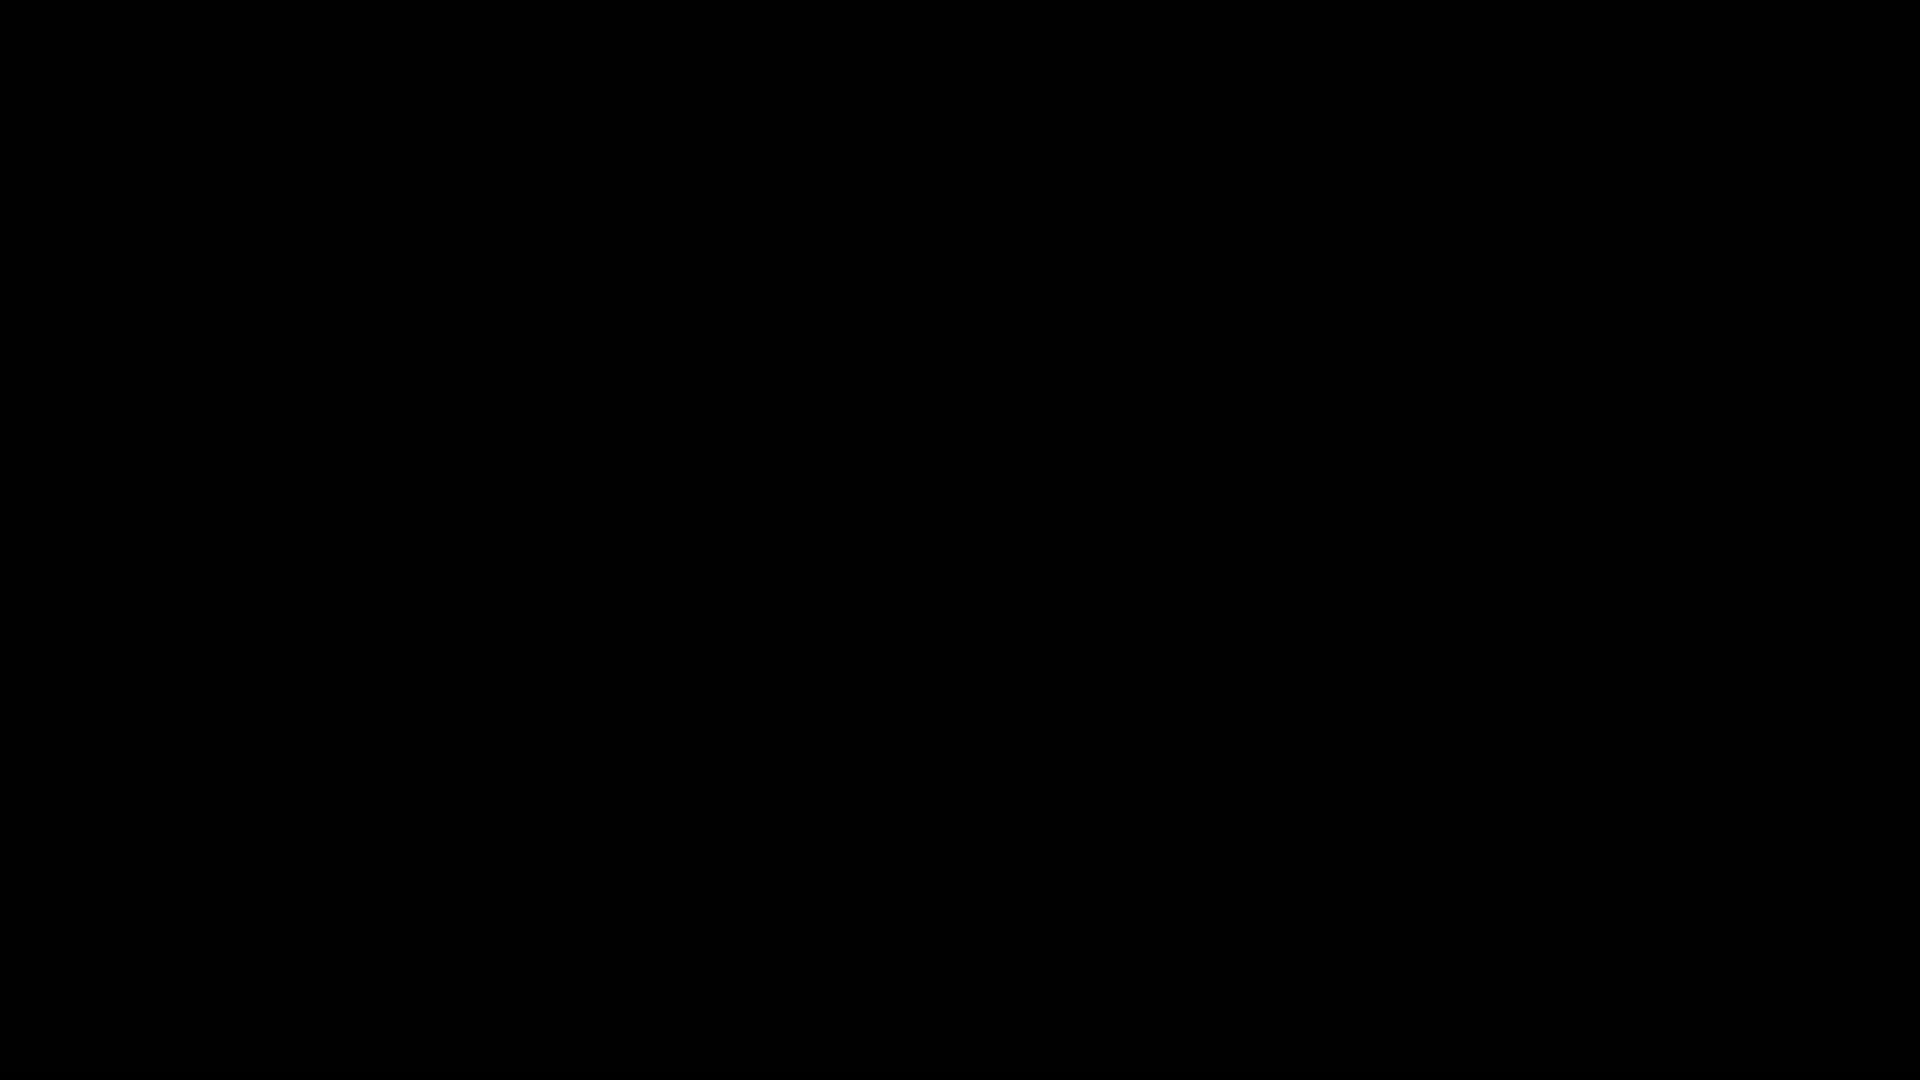 s.name